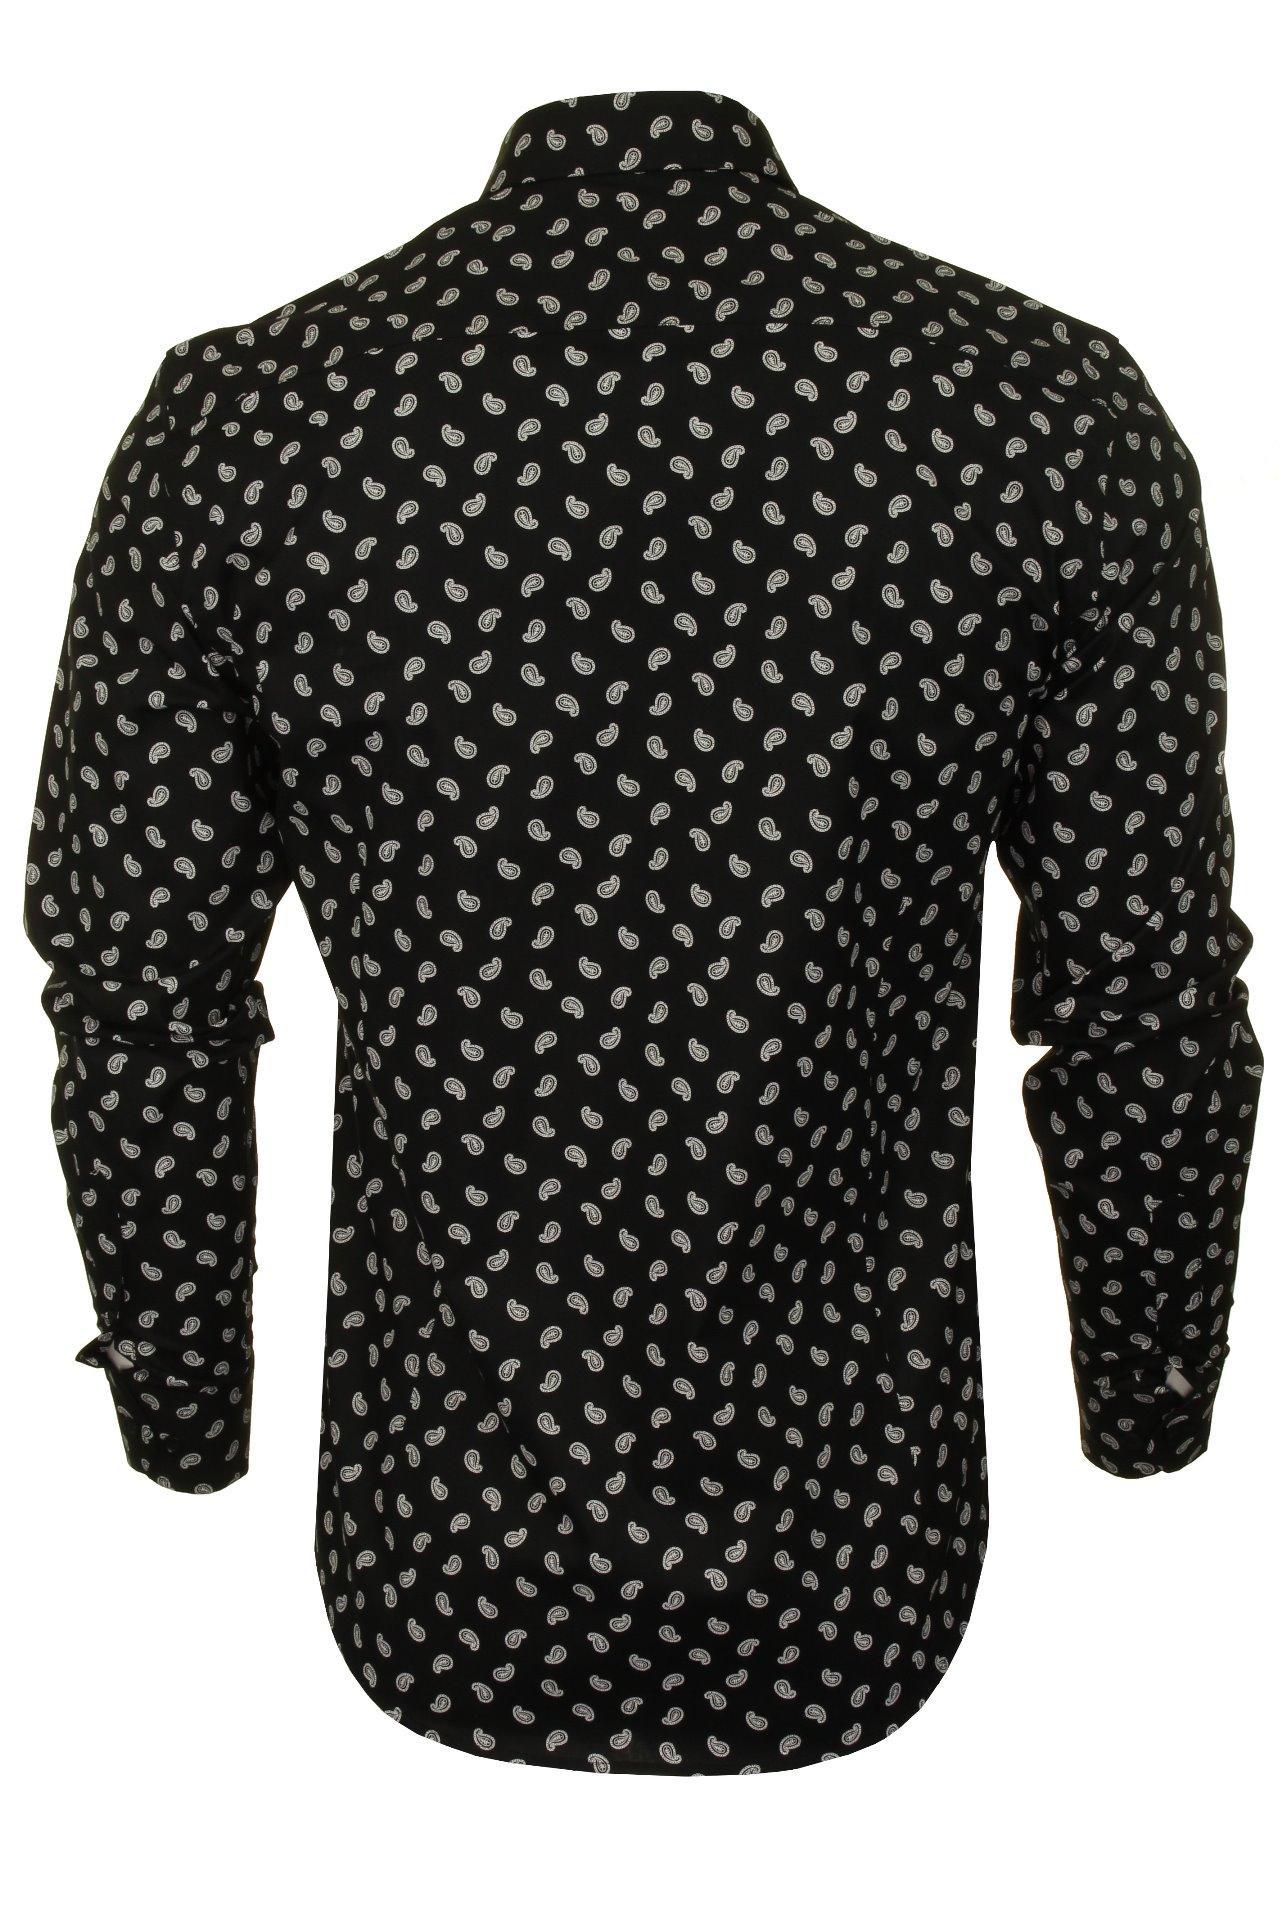 Xact-Mens-Long-Sleeved-Paisley-Shirt-Slim-Fit thumbnail 20